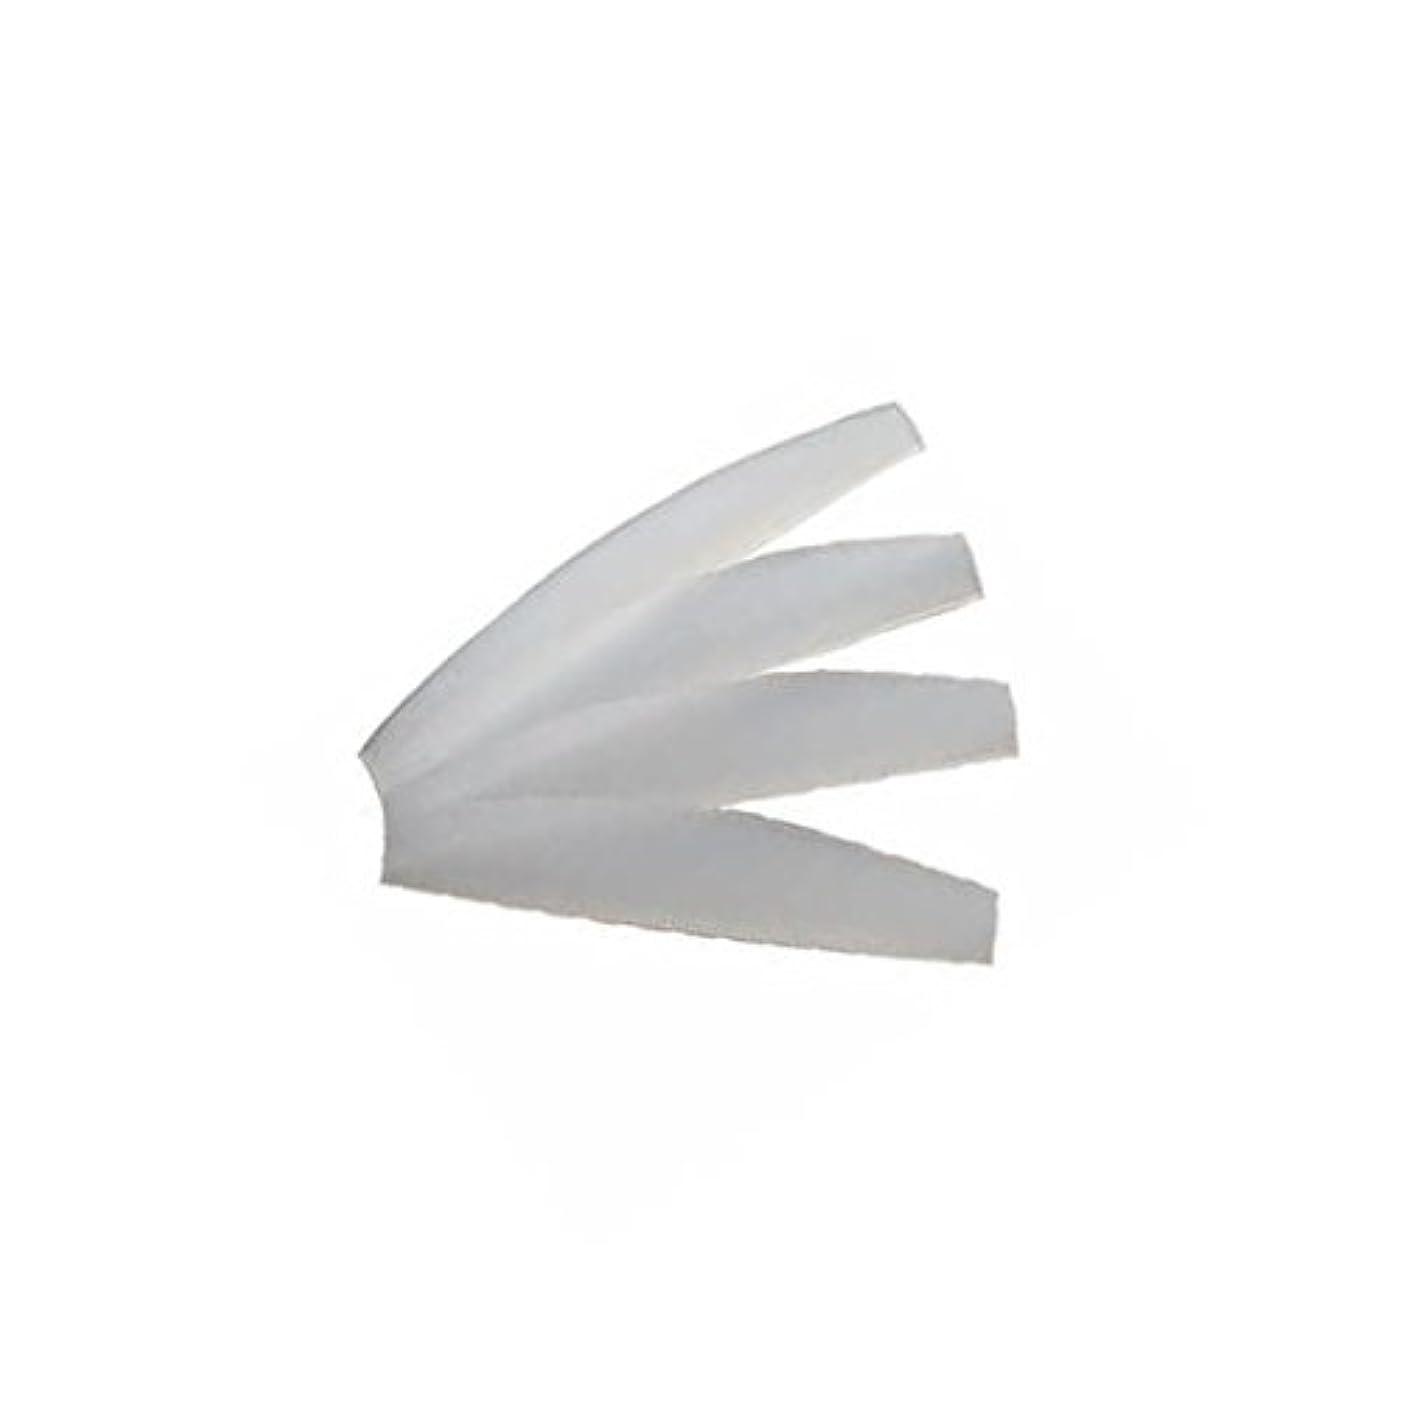 エール後悔肘< CKL > 万能シリコンロット S 幅49×奥行9×高さ0.5~1.5mm 20枚 [ まつげカール まつげパーマロッド シリコンロット まつげエクステ まつ毛エクステ まつエク マツエク ]